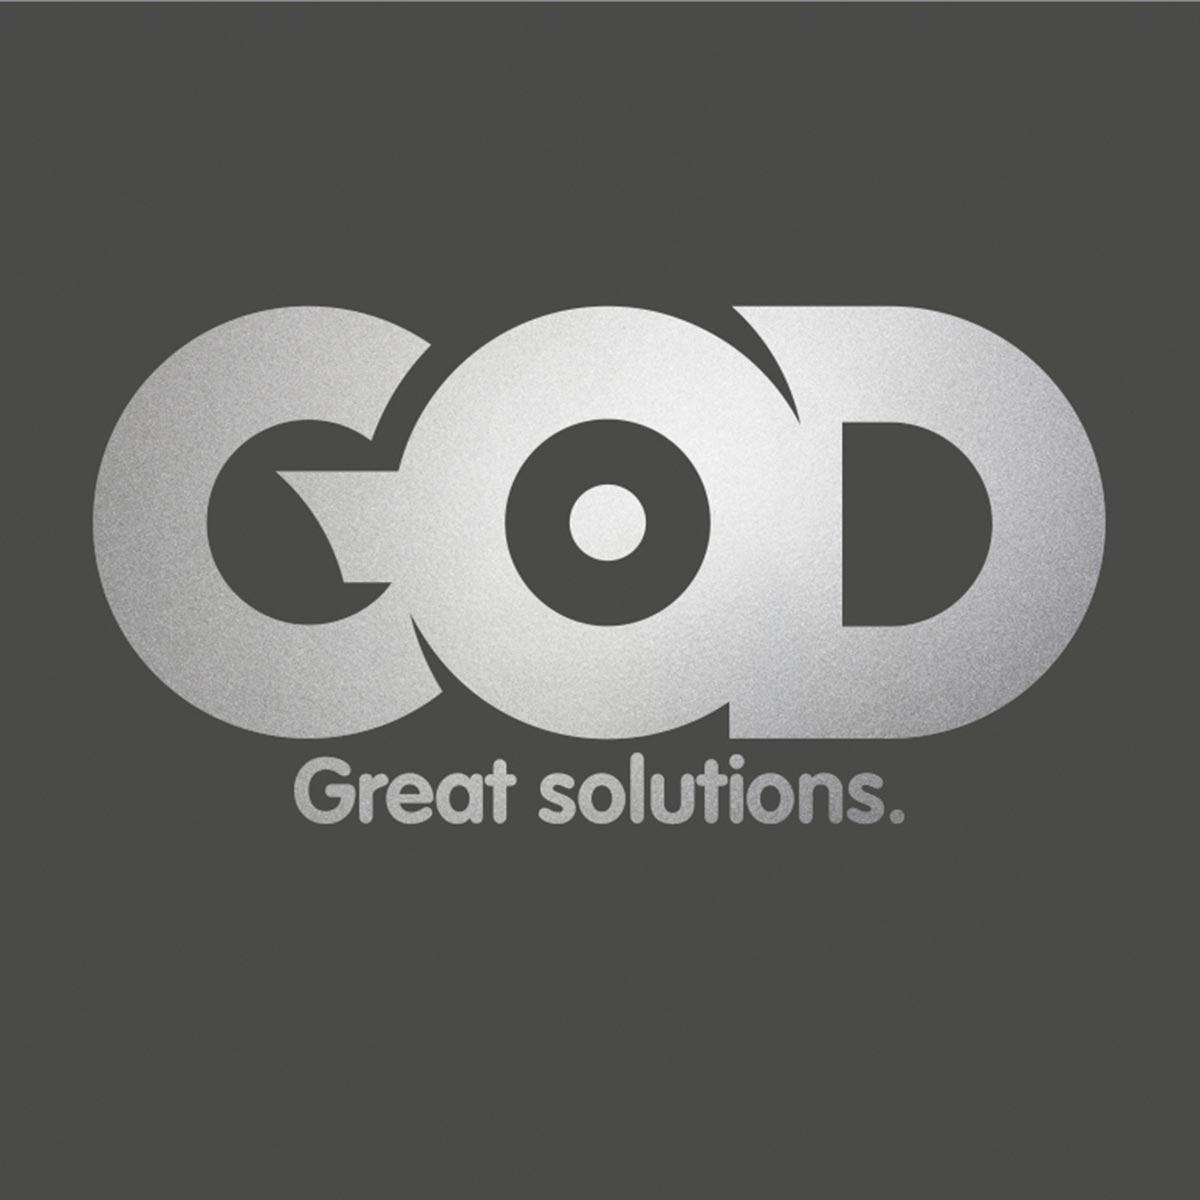 GOD transport logo